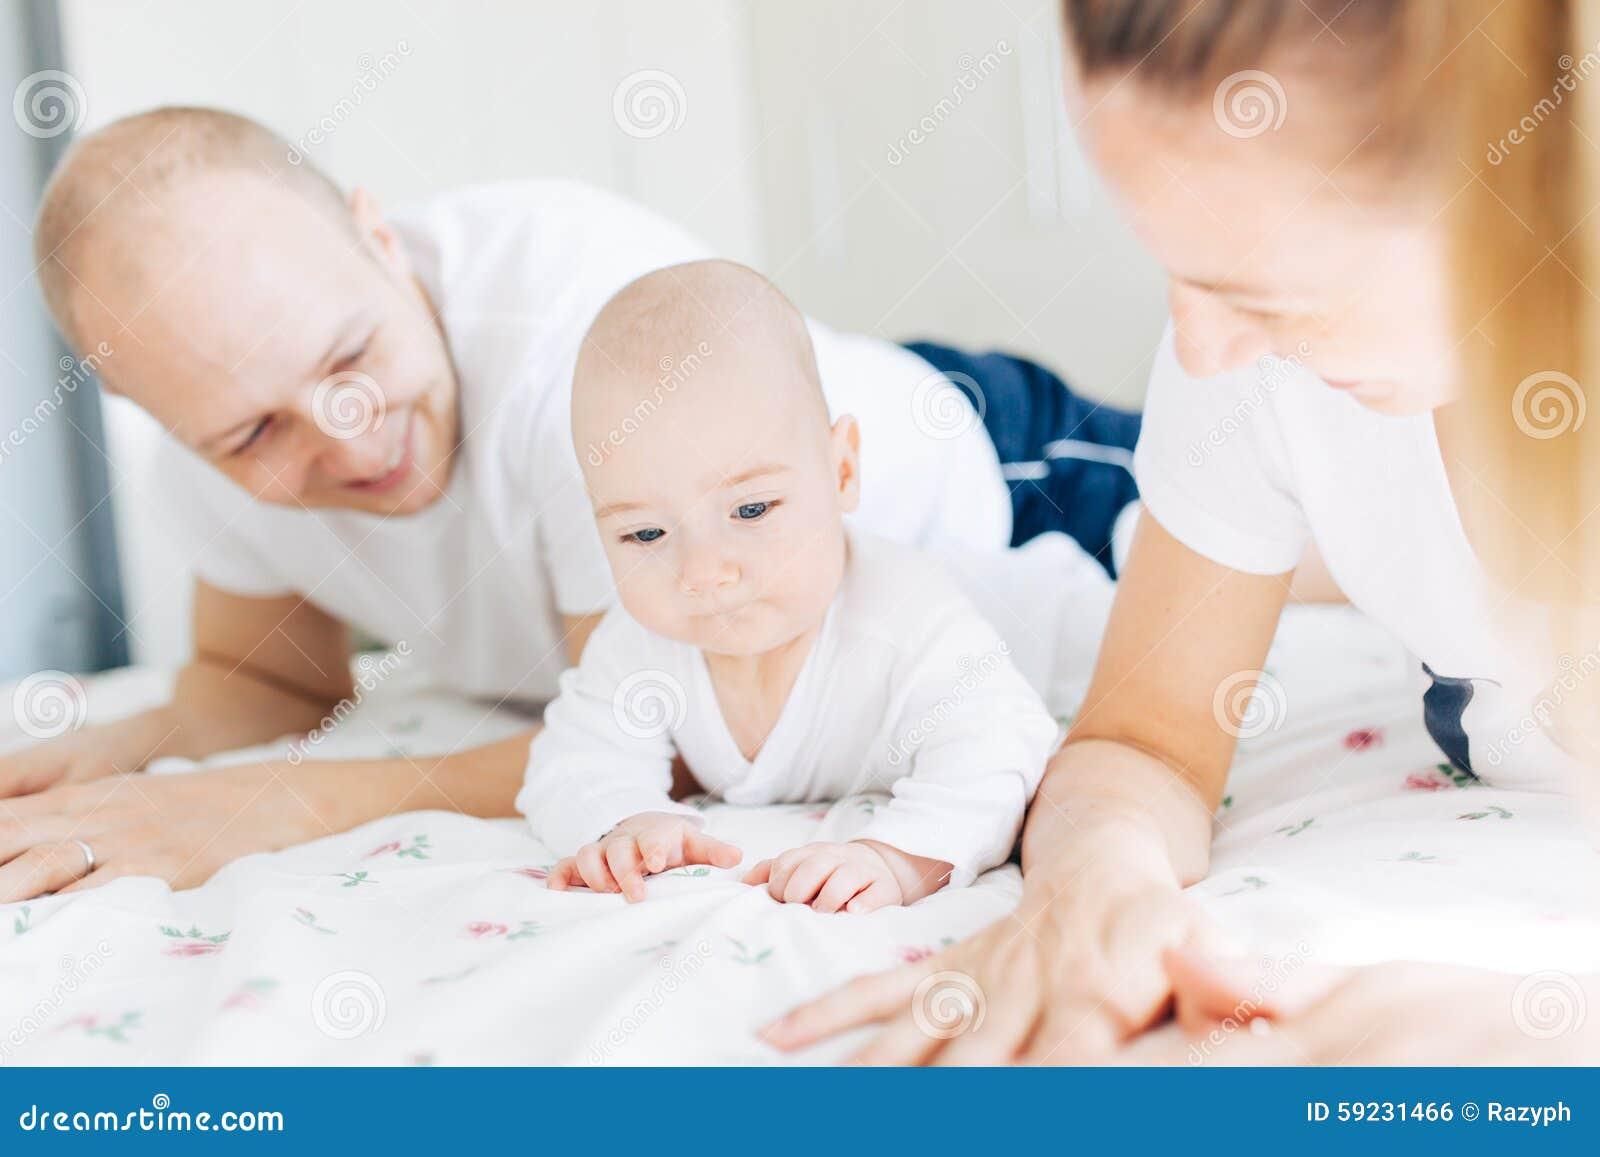 Download Padres Cuidadosos Con El Bebé Foto de archivo - Imagen de diversión, dentro: 59231466